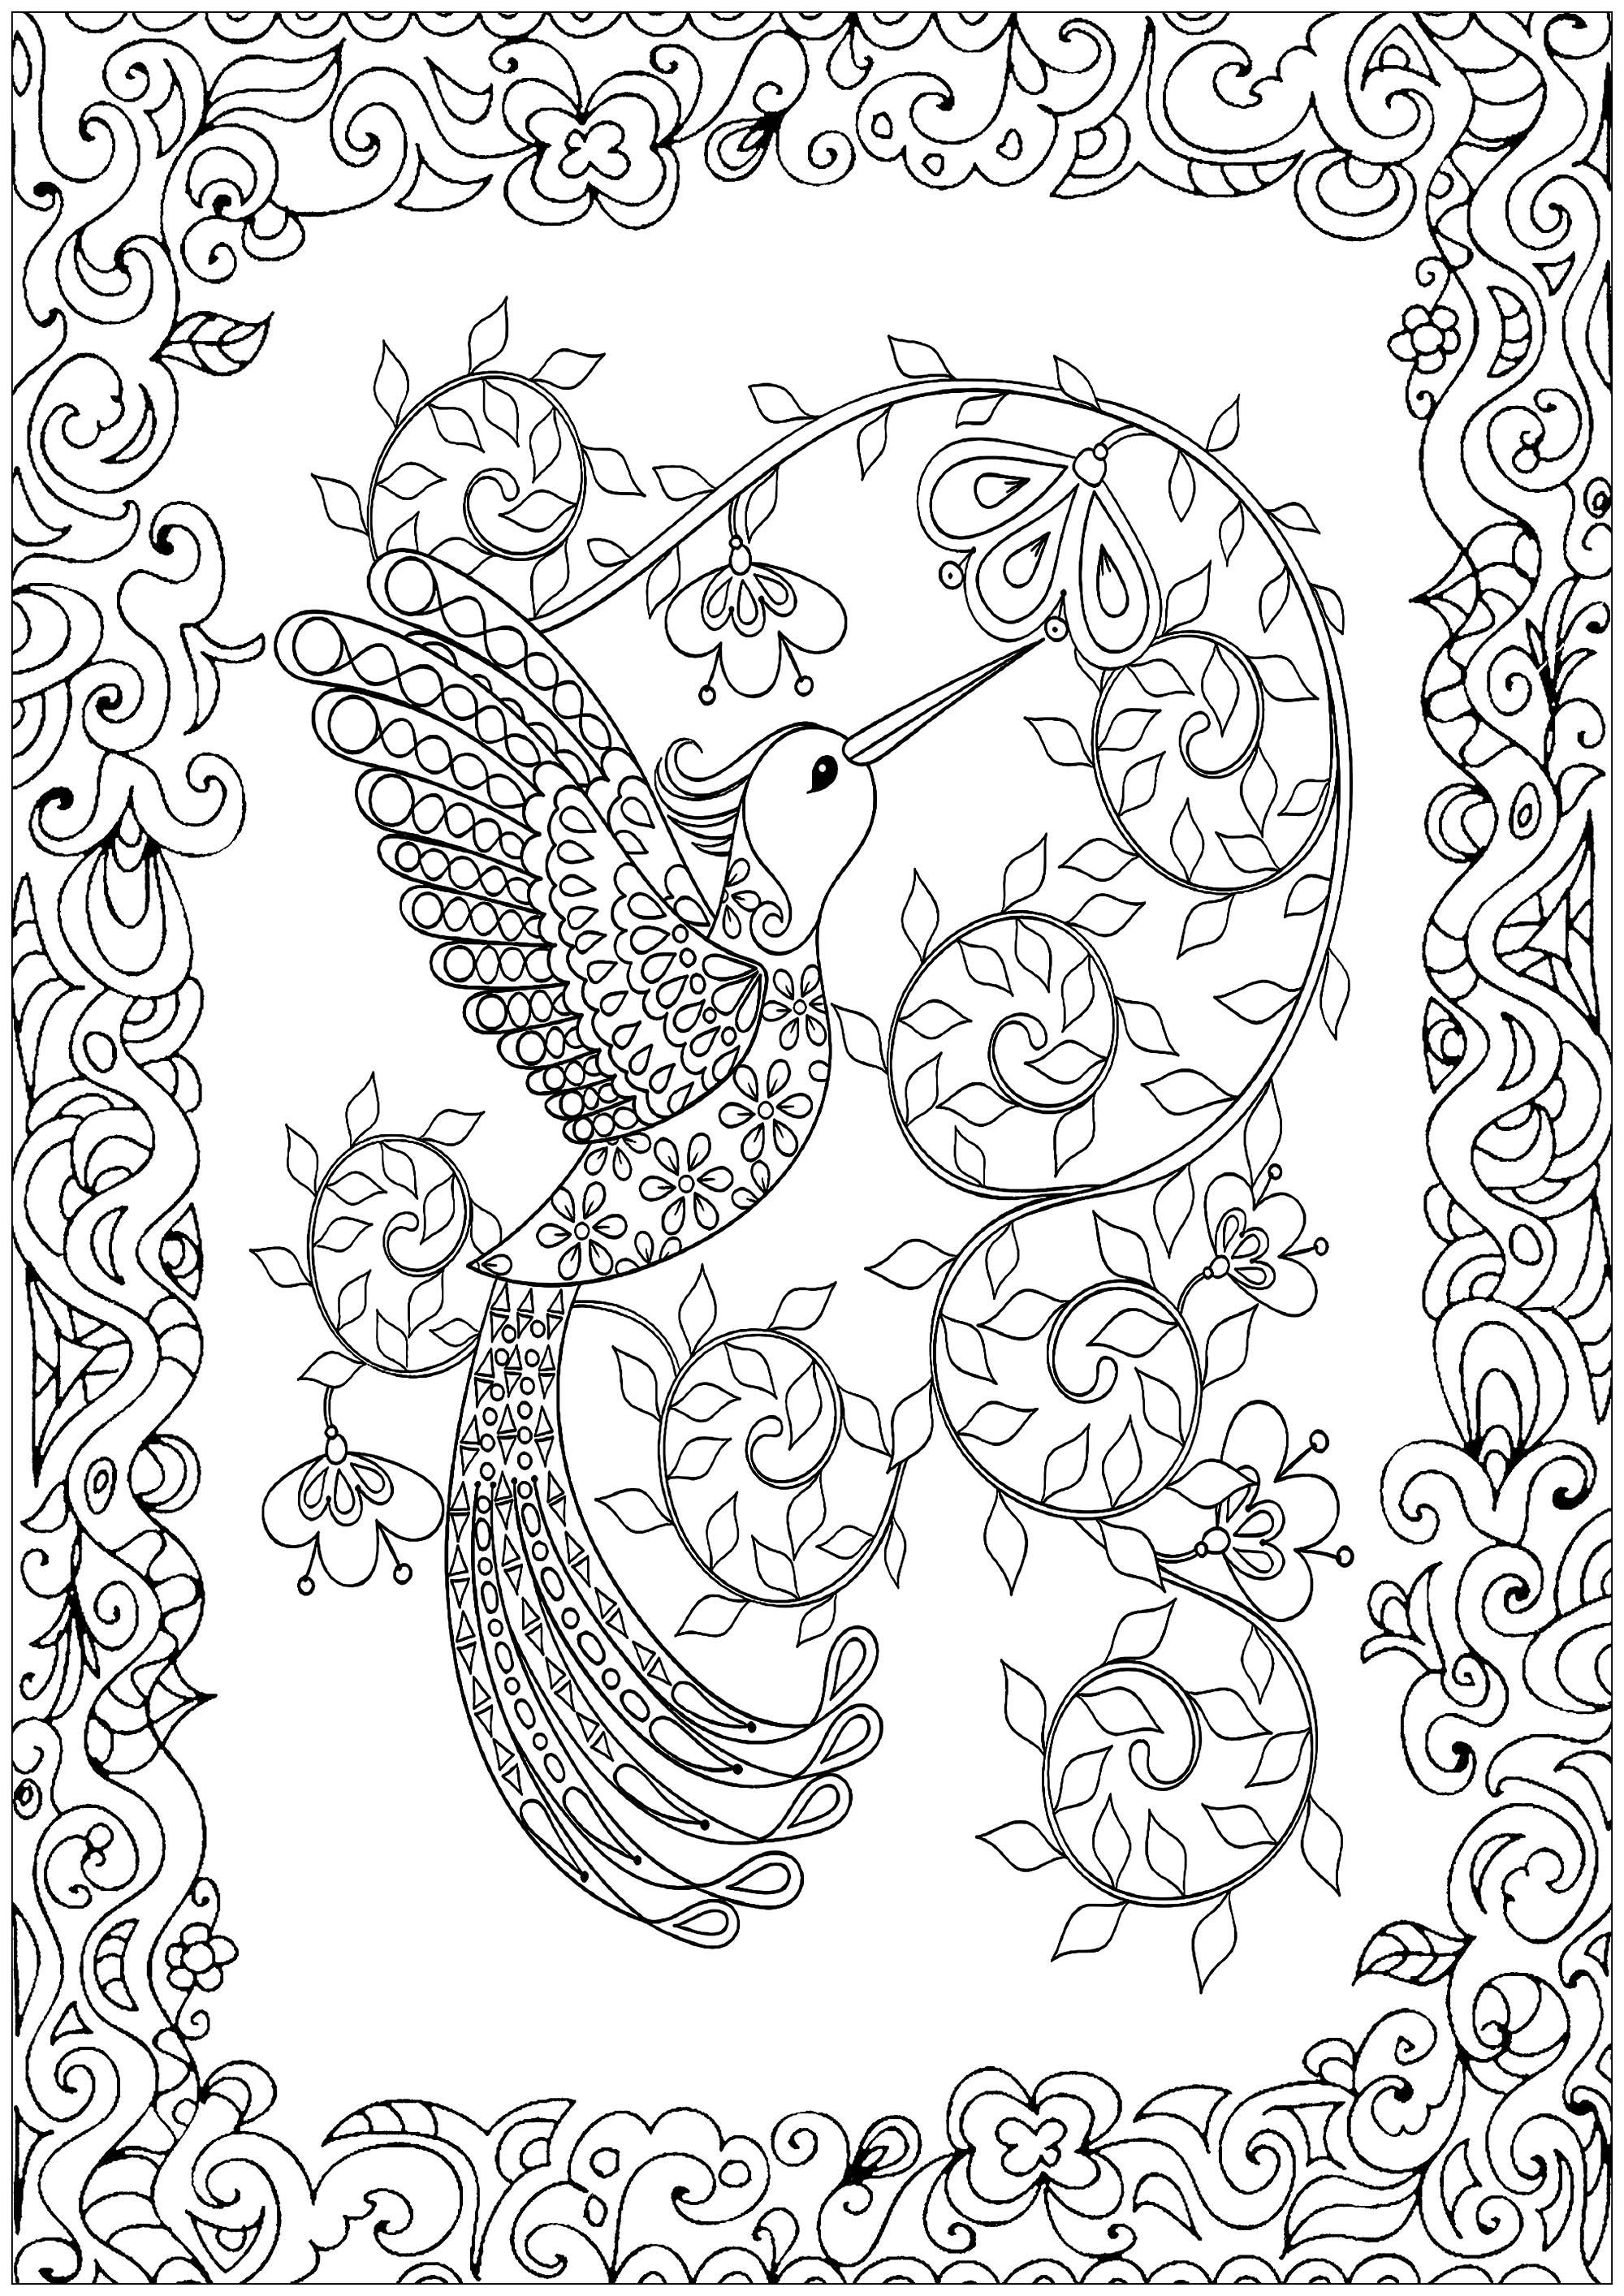 Joli Colibri avec bordure aux motifs végétaux pouvant être coloriés